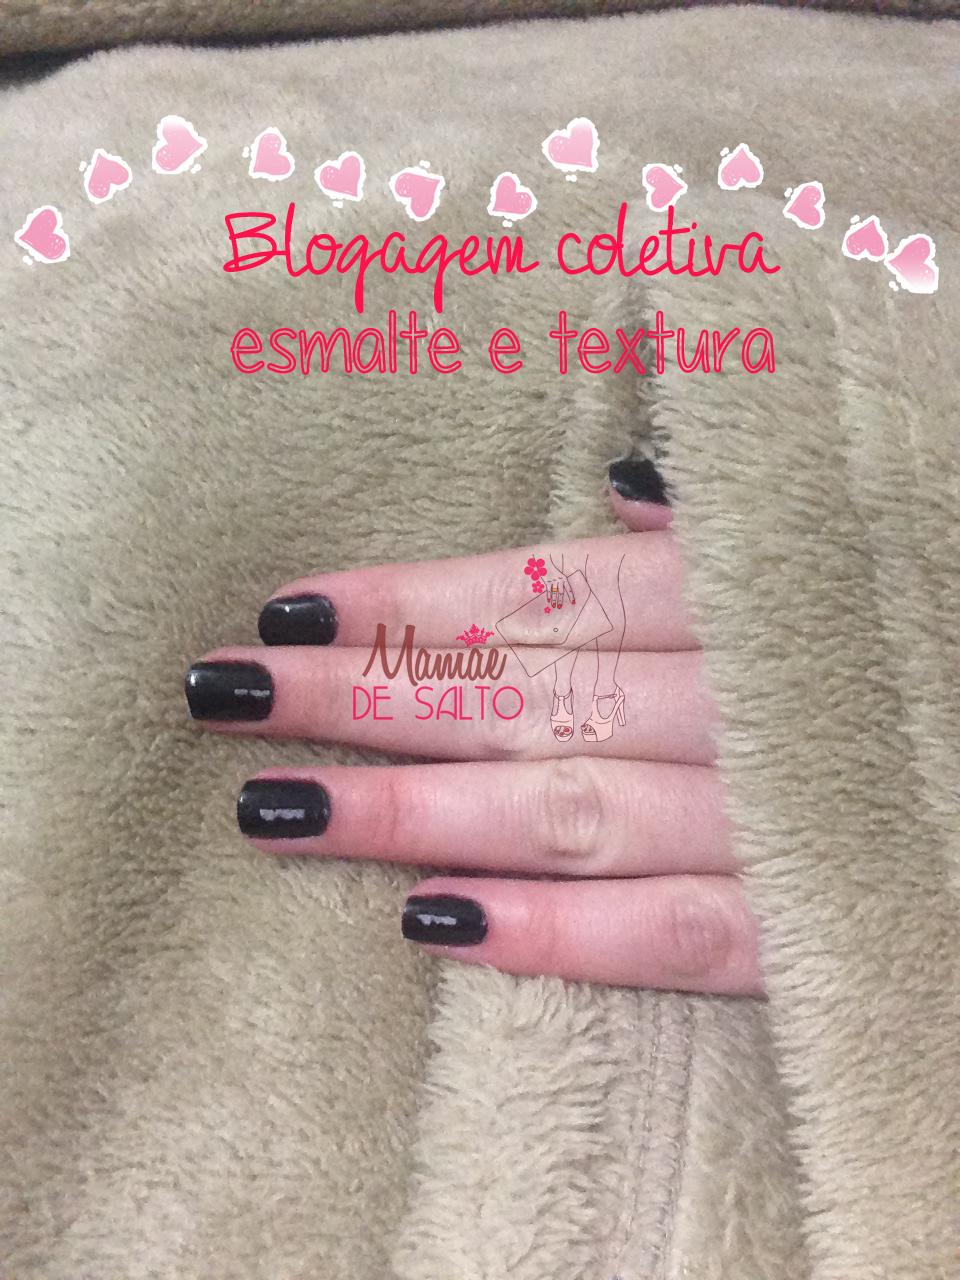 blogagem coletiva esmalte e textura cobertor com manga mehndi blog Mamãe de Salto ==> todos os direitos reservados